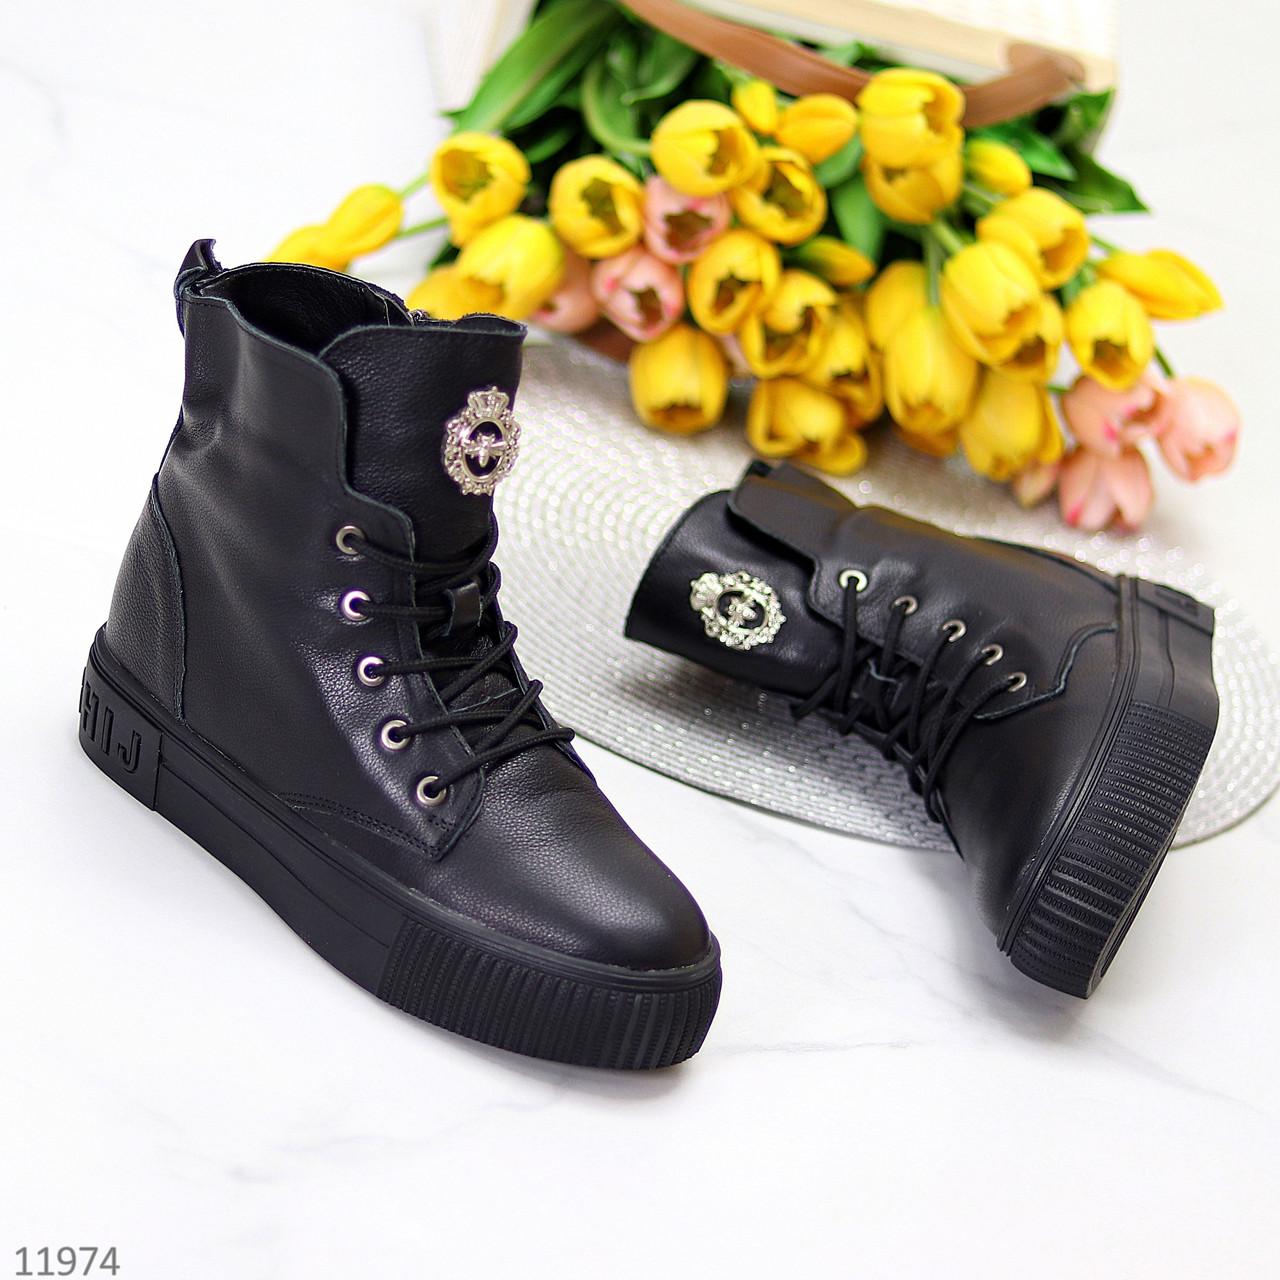 Модельні теплі чорні шкіряні жіночі чоботи натуральна шкіра низький хід